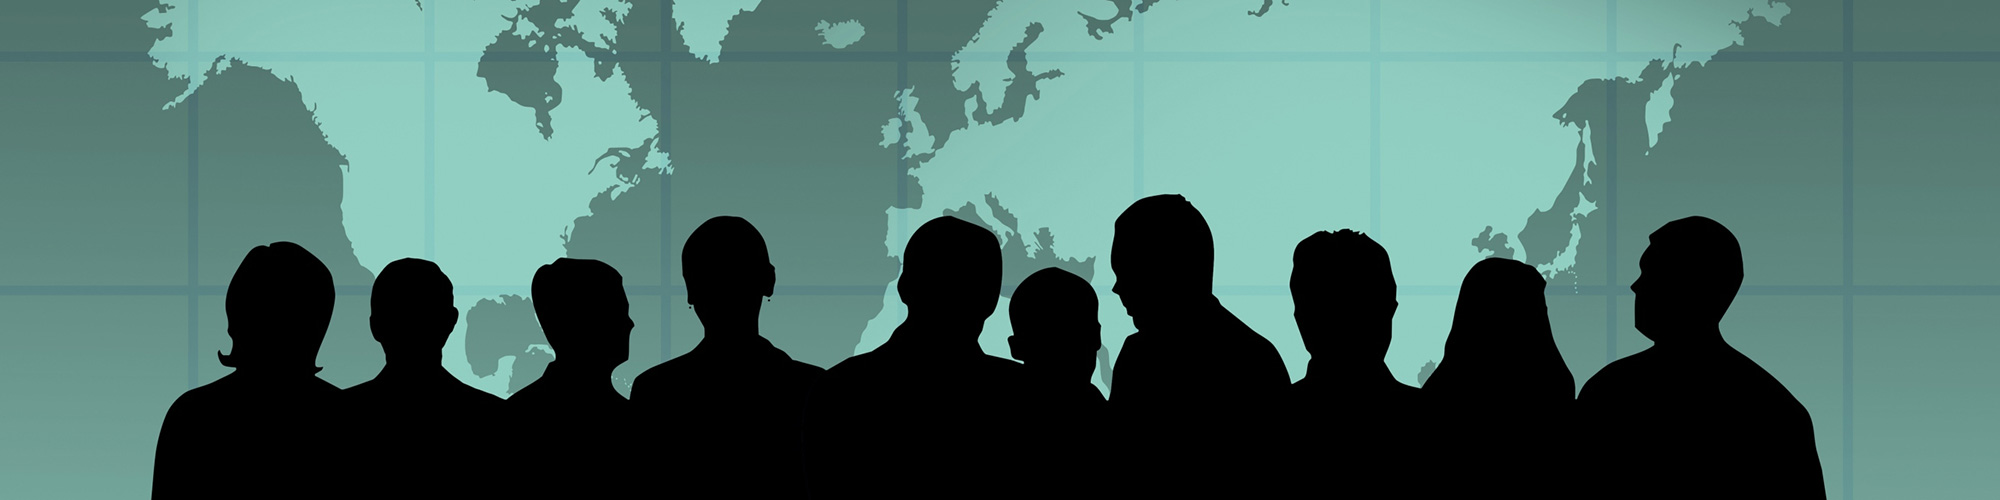 Die Schatten mehrerer Personen vor einer Weltkarte